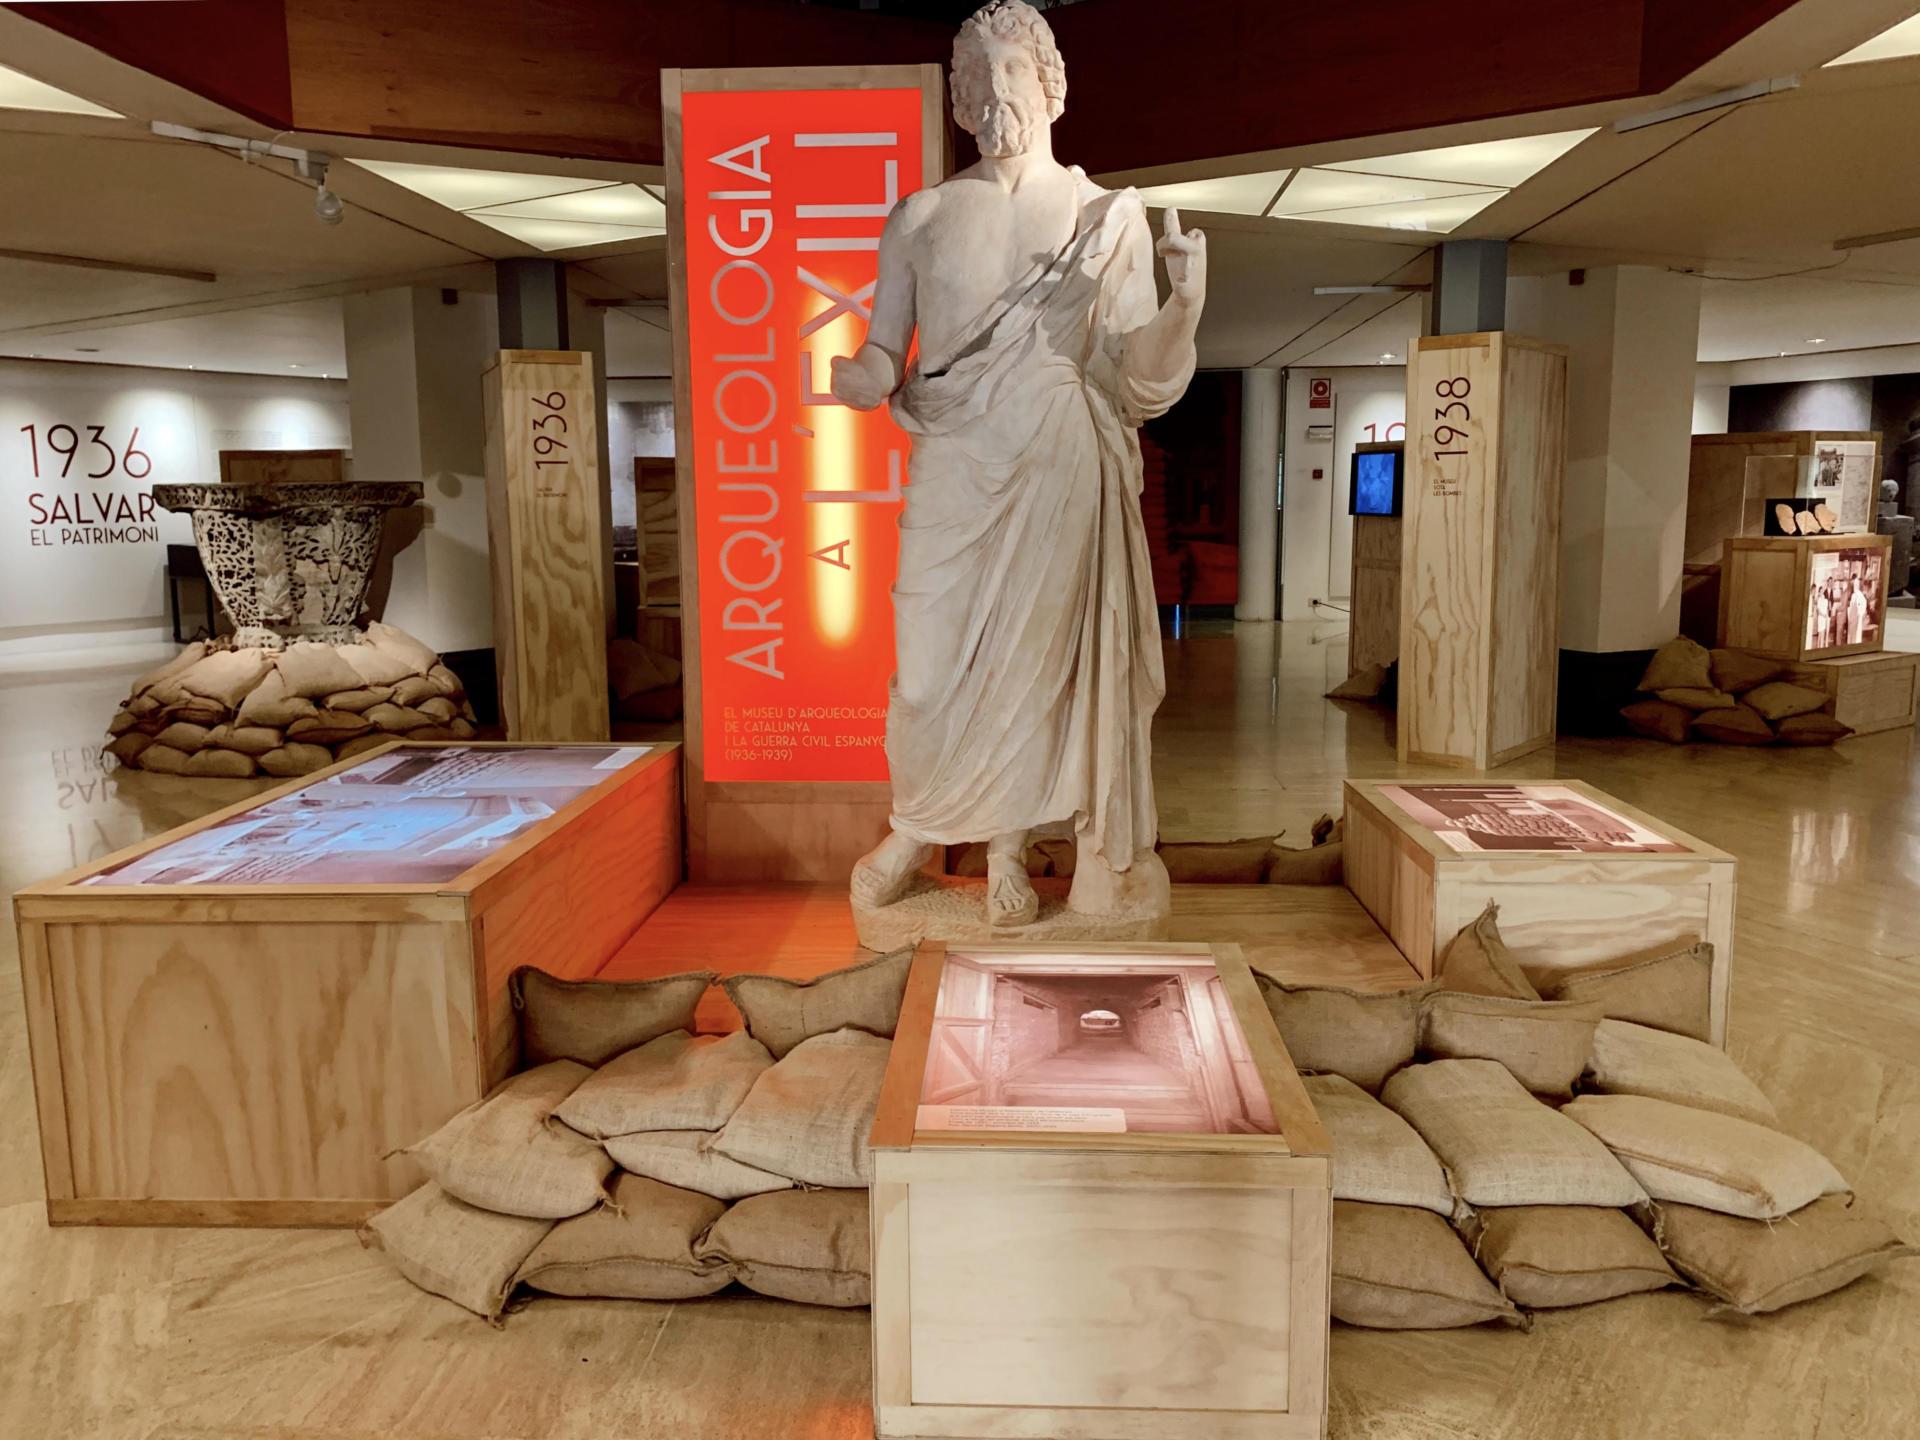 Imatge de sala de l'exposició 'Arqueologia a l'exili', al MAC.